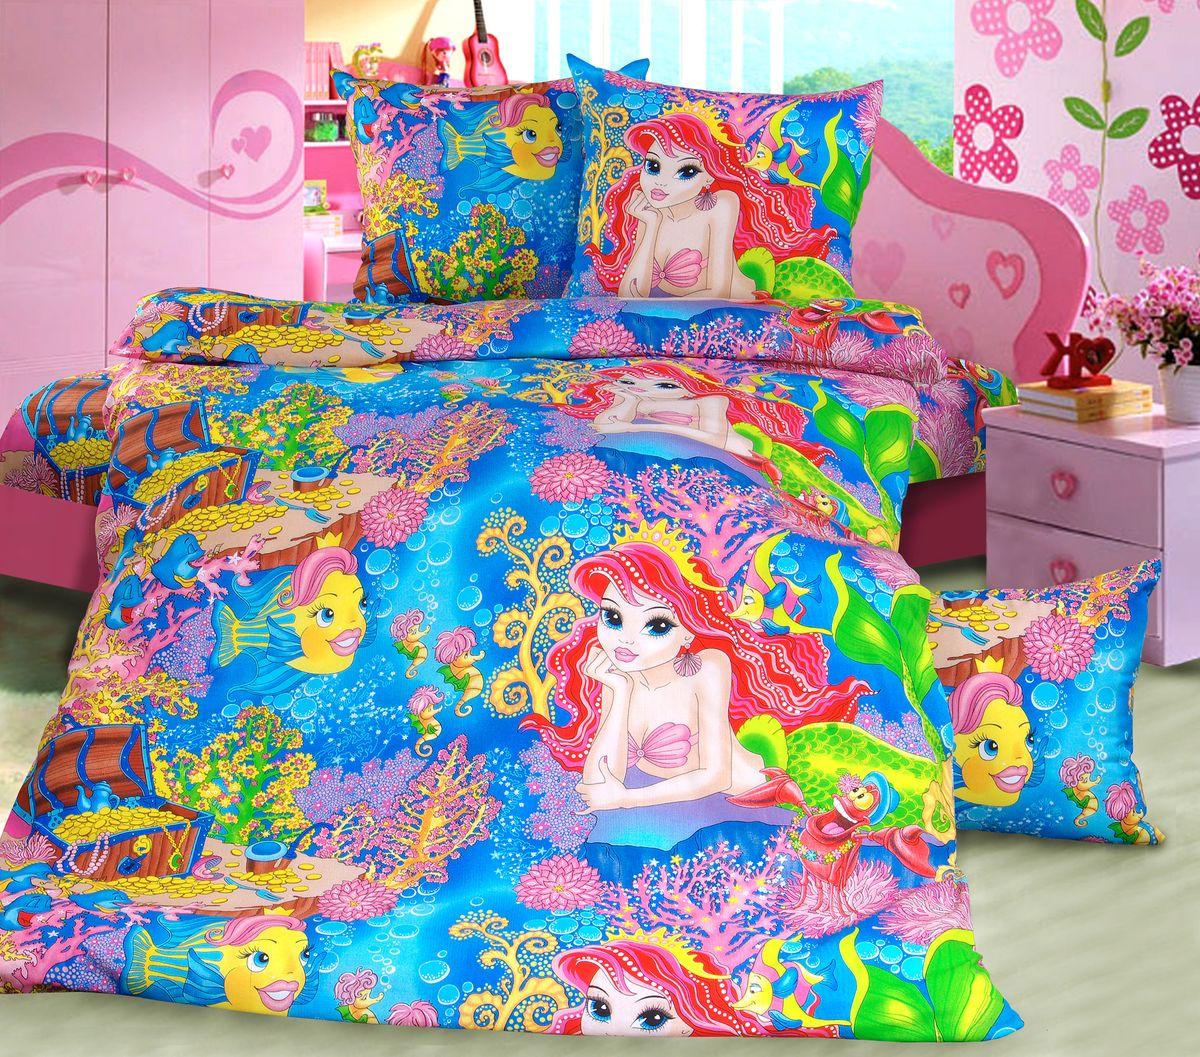 Купить пуховик-одеяло 127 недорого интернет-магазин в